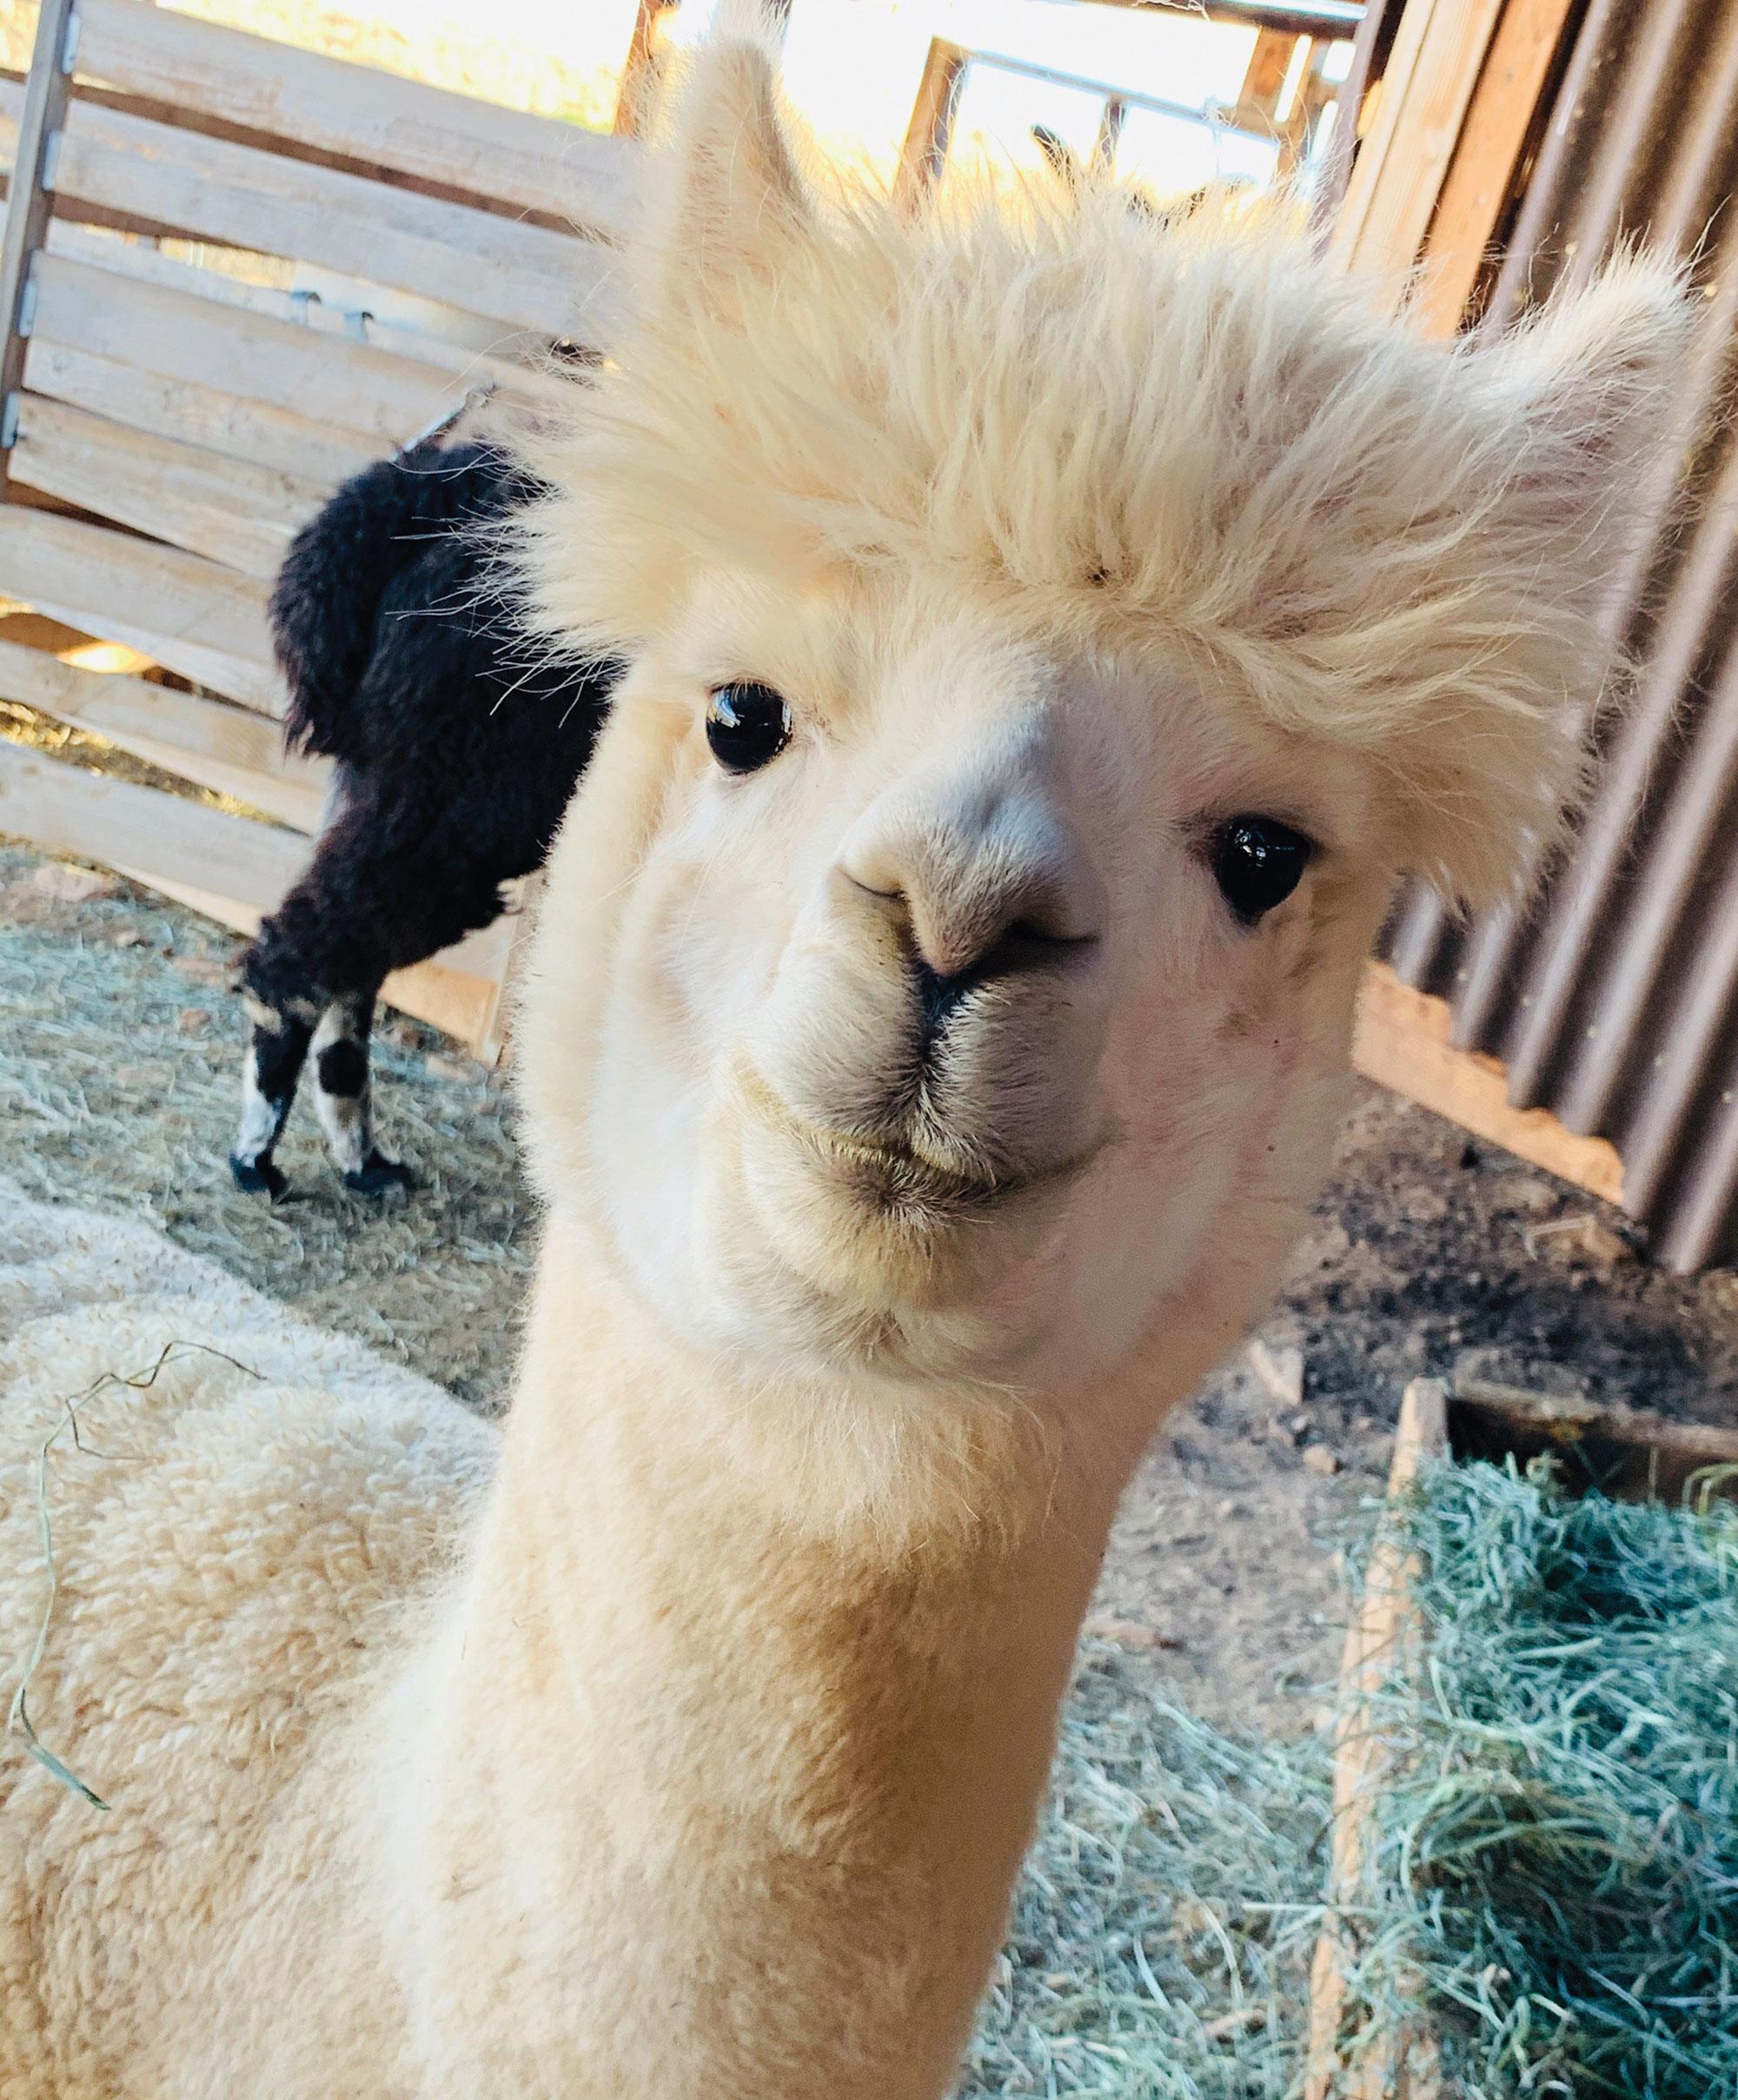 alpaca at Thunder Mountain Alpaca Ranch; Photo courtesy Harvest Hosts